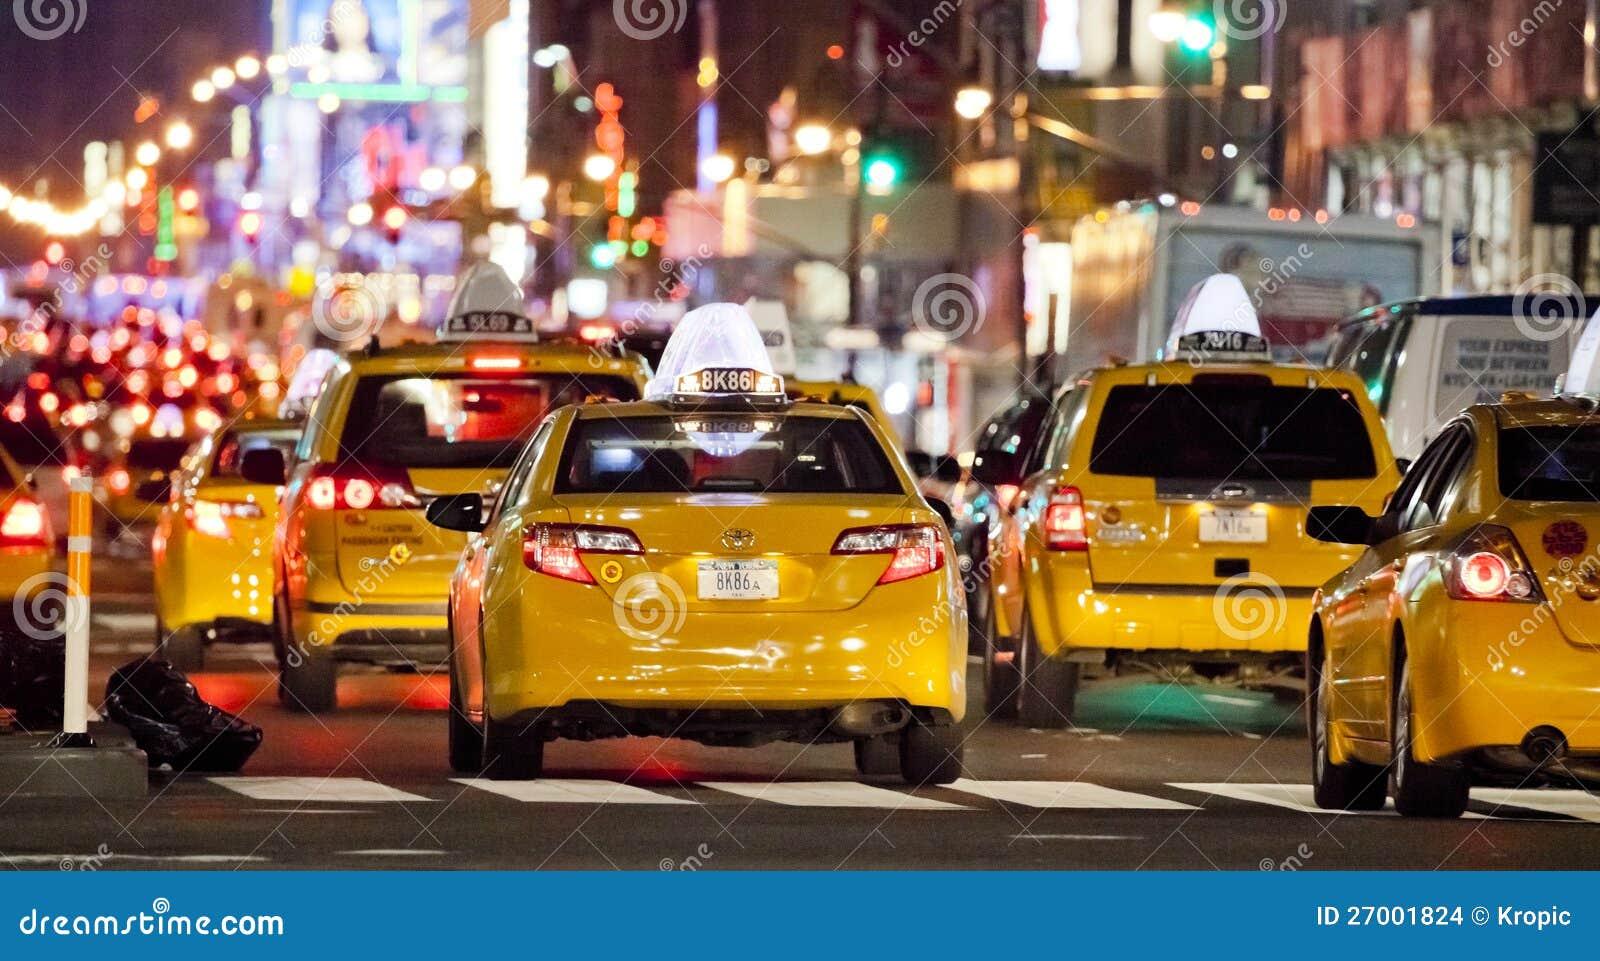 NEW YORK CITY - SEPT. 22: Бульвар 8